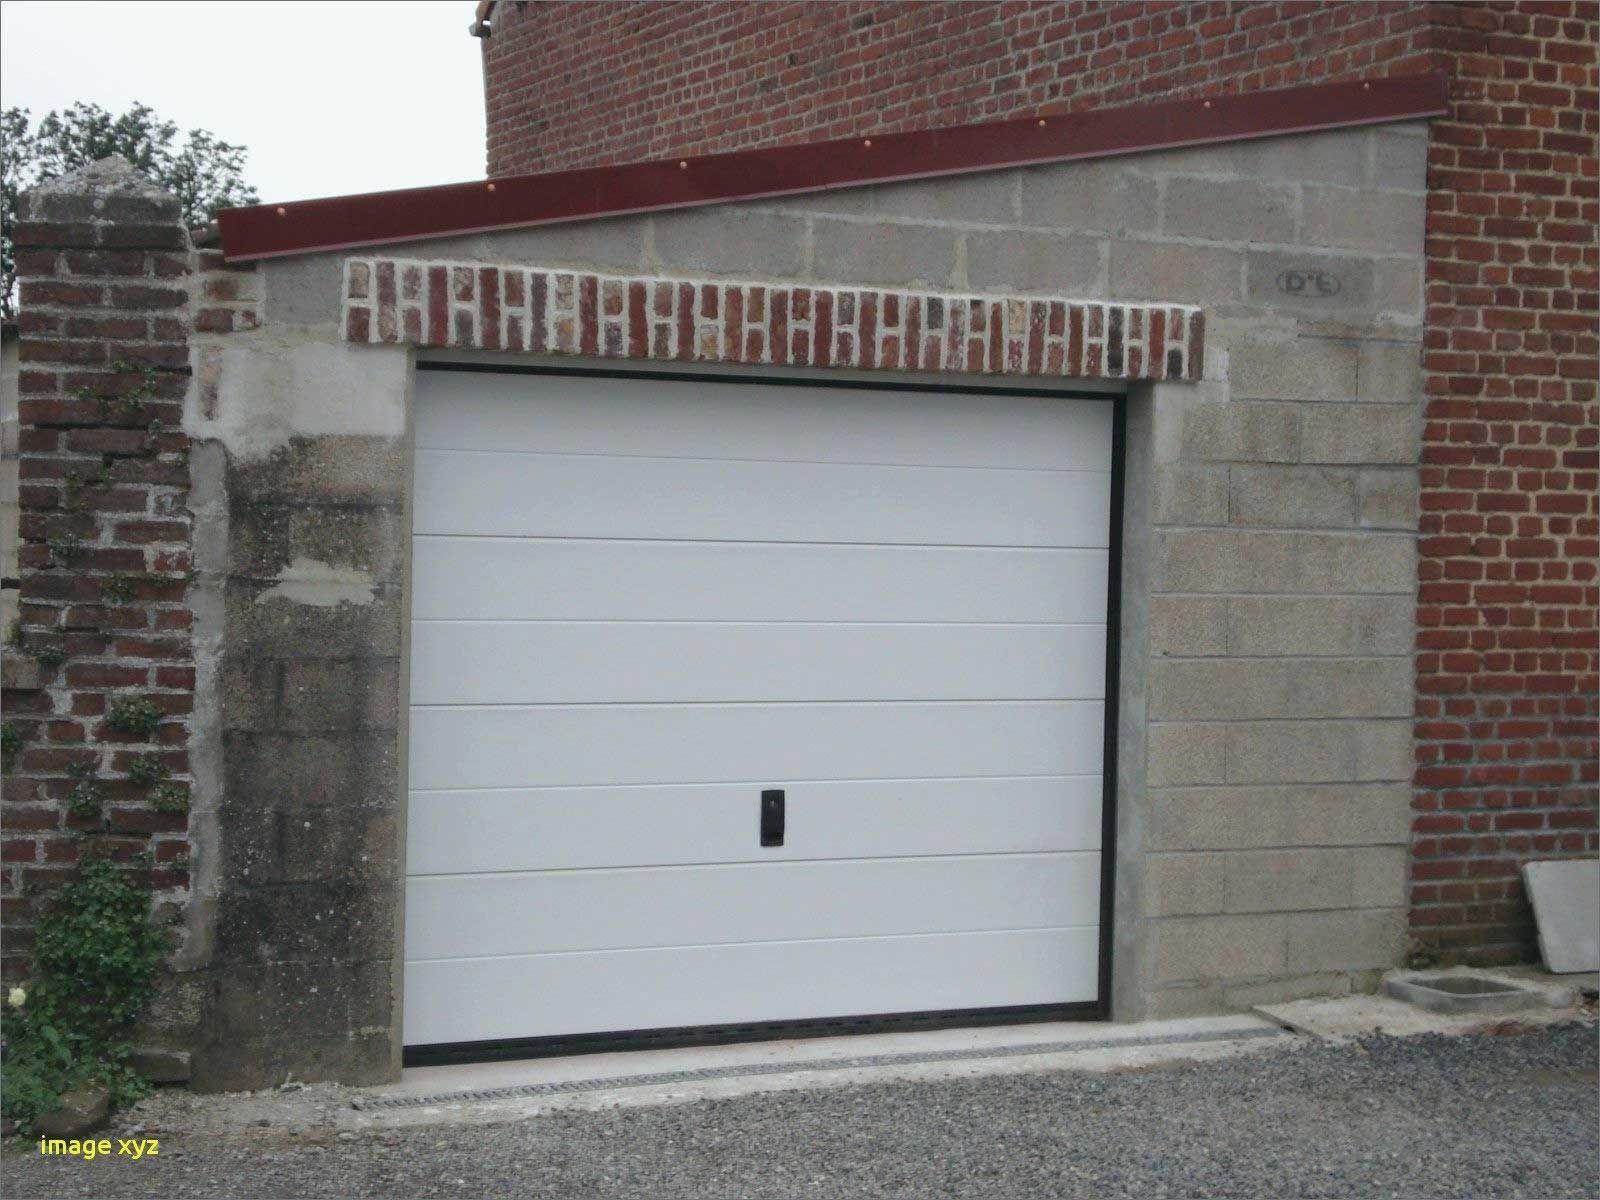 Porte Garage Avec Portillon De Meilleur Porte Garage Sectionnelle Avec Portillon Beau 50 Frais Galer Salon De Jardin Castorama